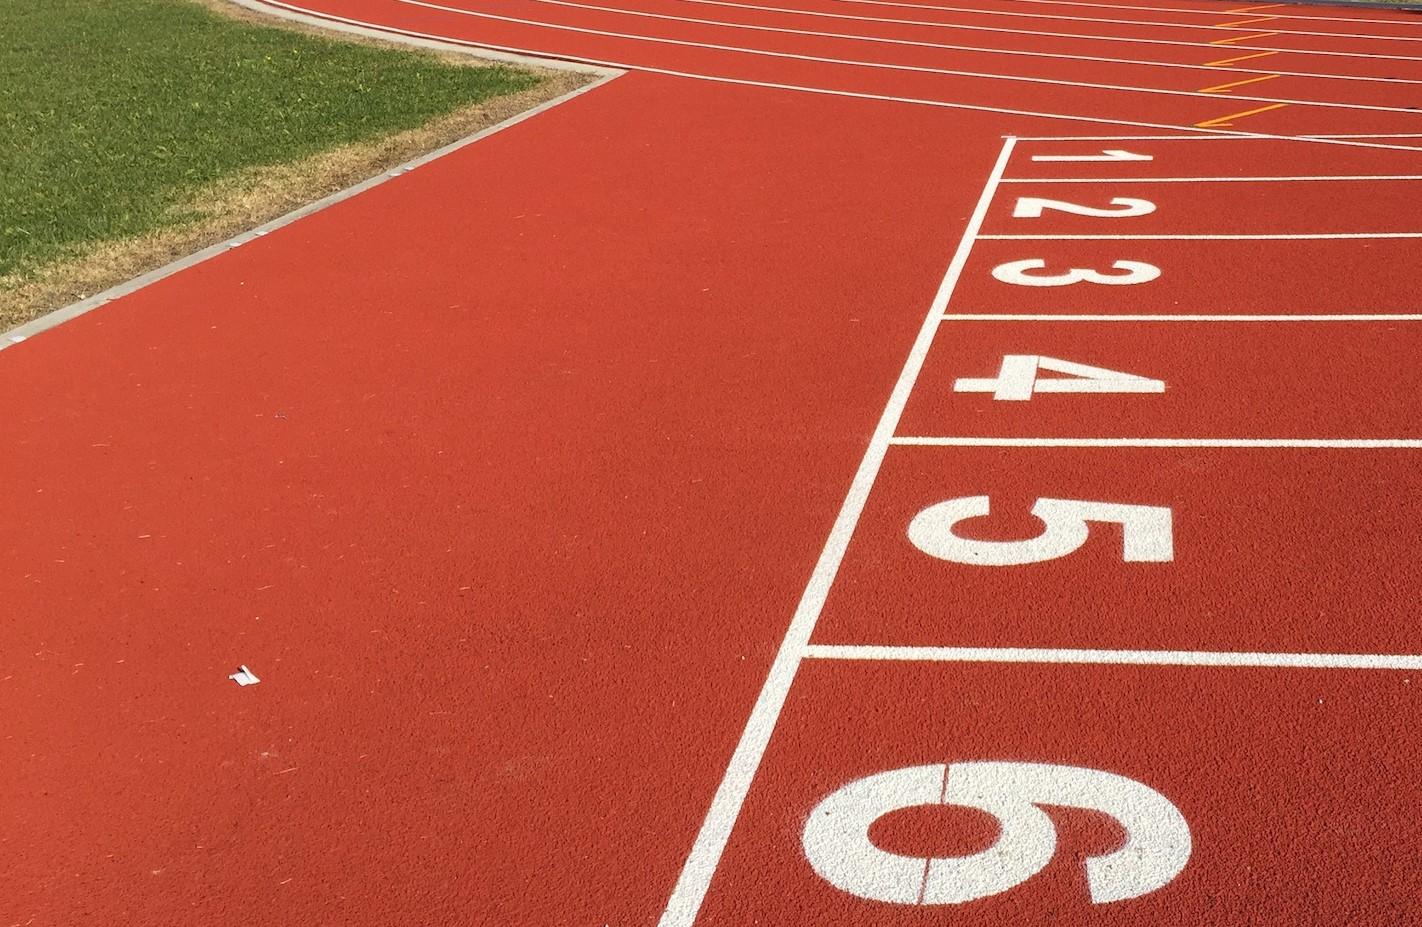 PISTA ATLETICA SAN BIAGIO DI CALLALTA 3 e1513078843123 2 - Incoming Veneto per il Trofeo delle Regioni Master su Pista 20 luglio 2019 - Atletica Italiana